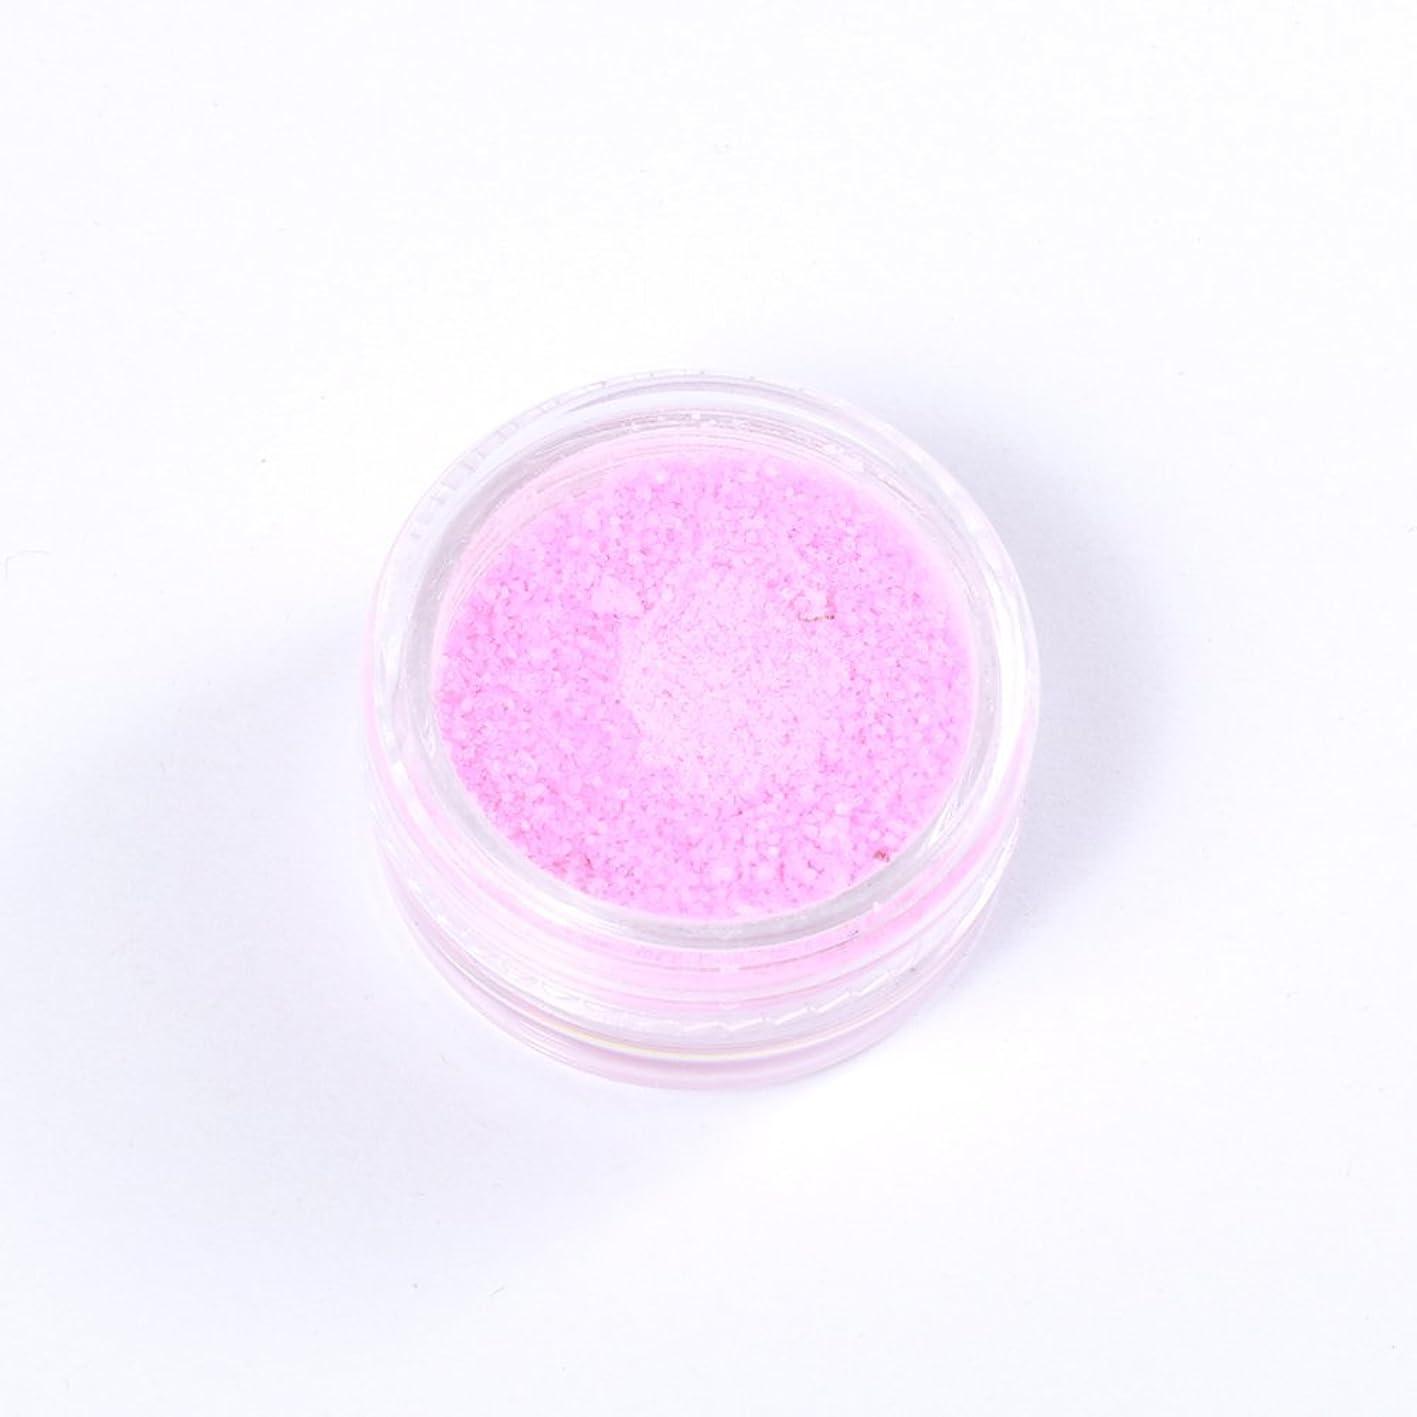 ブレークロック解除肉夜光 パウダー ピンク ケース付 ホログラム 蓄光【ラインストーン77】